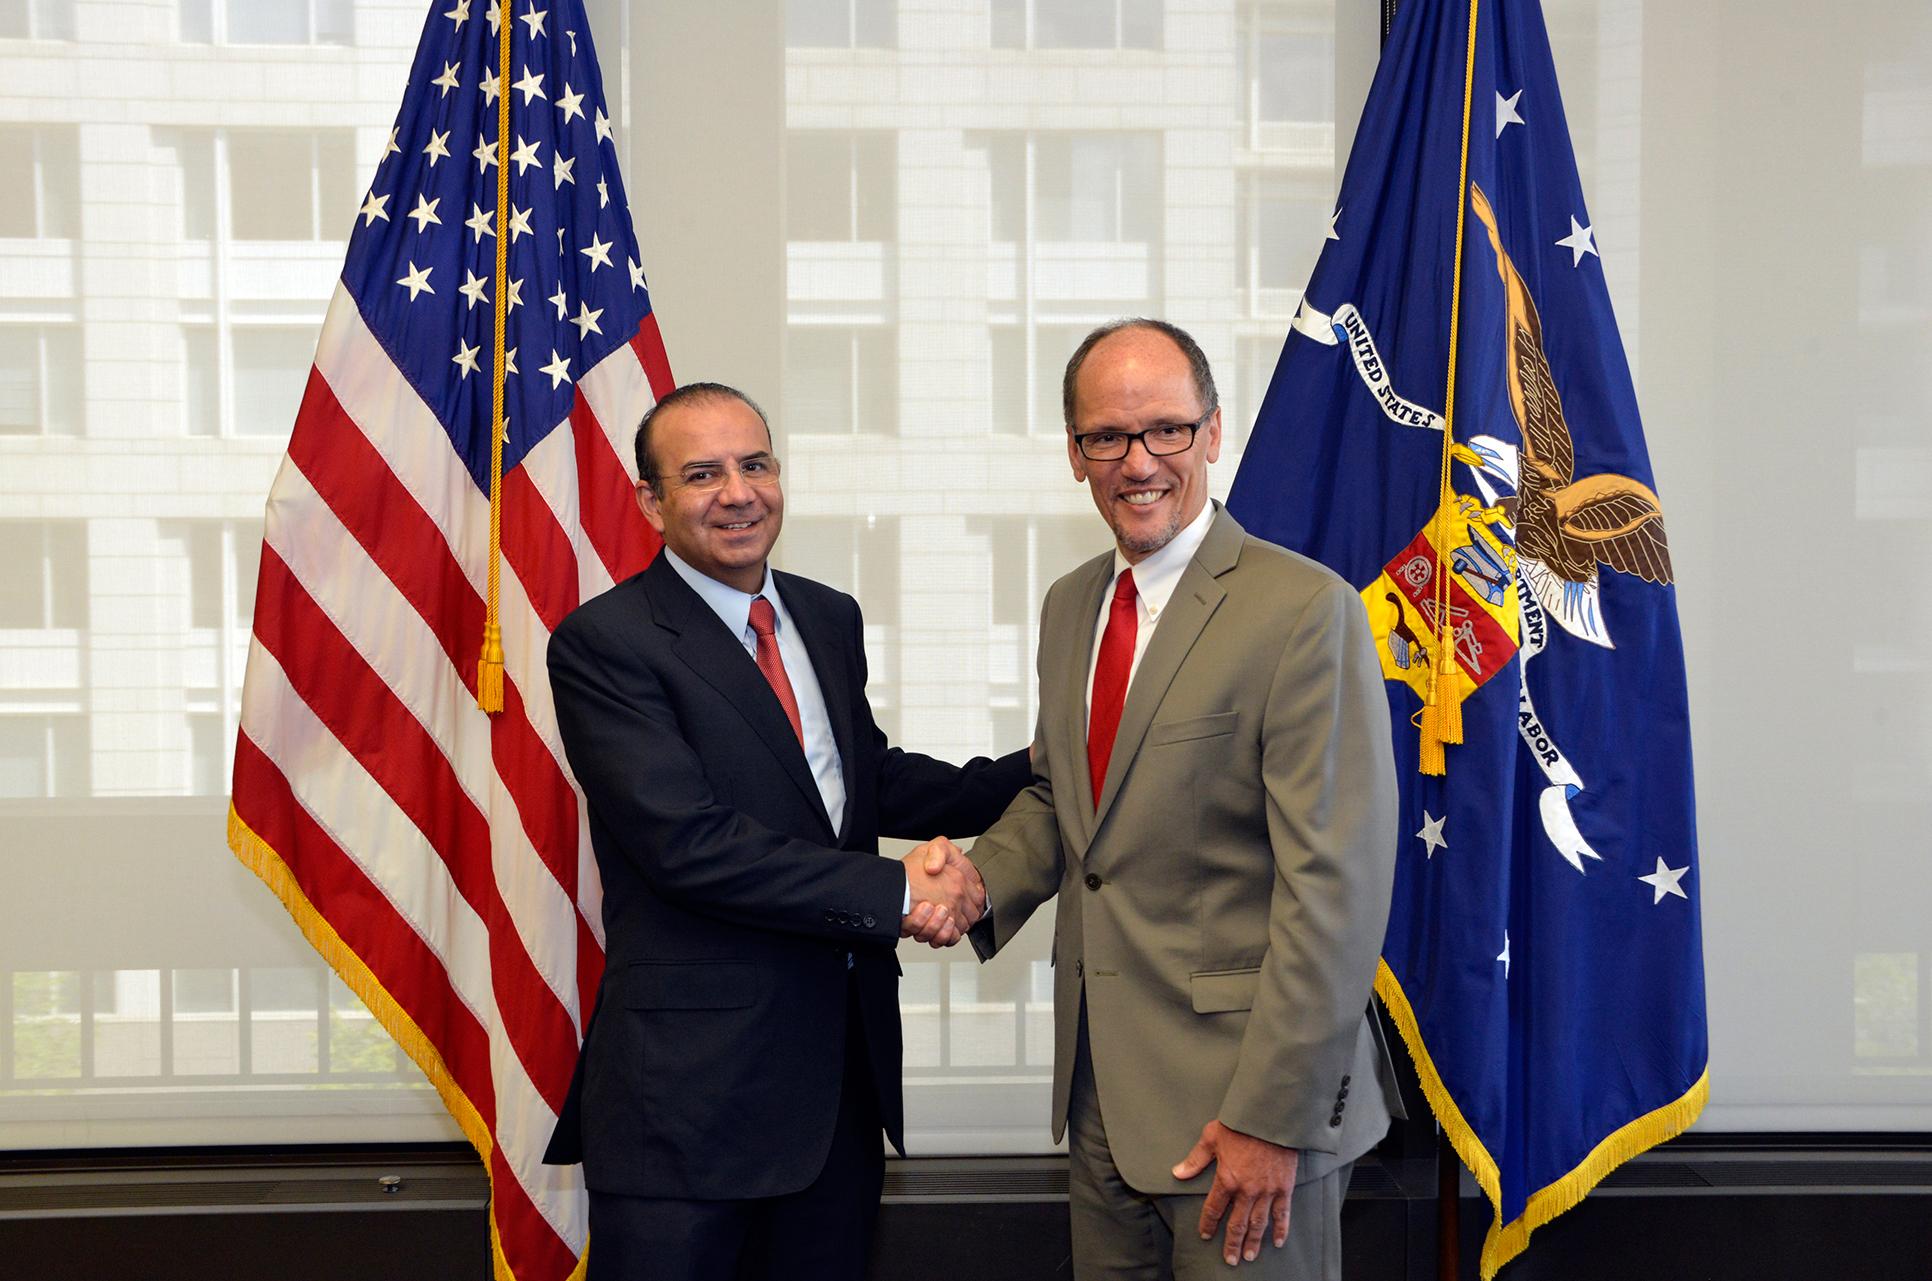 El Secretario del Trabajo y Previsión Social de México, Alfonso Navarrete Prida, se reunió con el Secretario del Trabajo de Estados Unidos, Thomas E. Perez, con el propósito de estrechar los lazos de colaboración en la agenda bilateral en materia laboral.